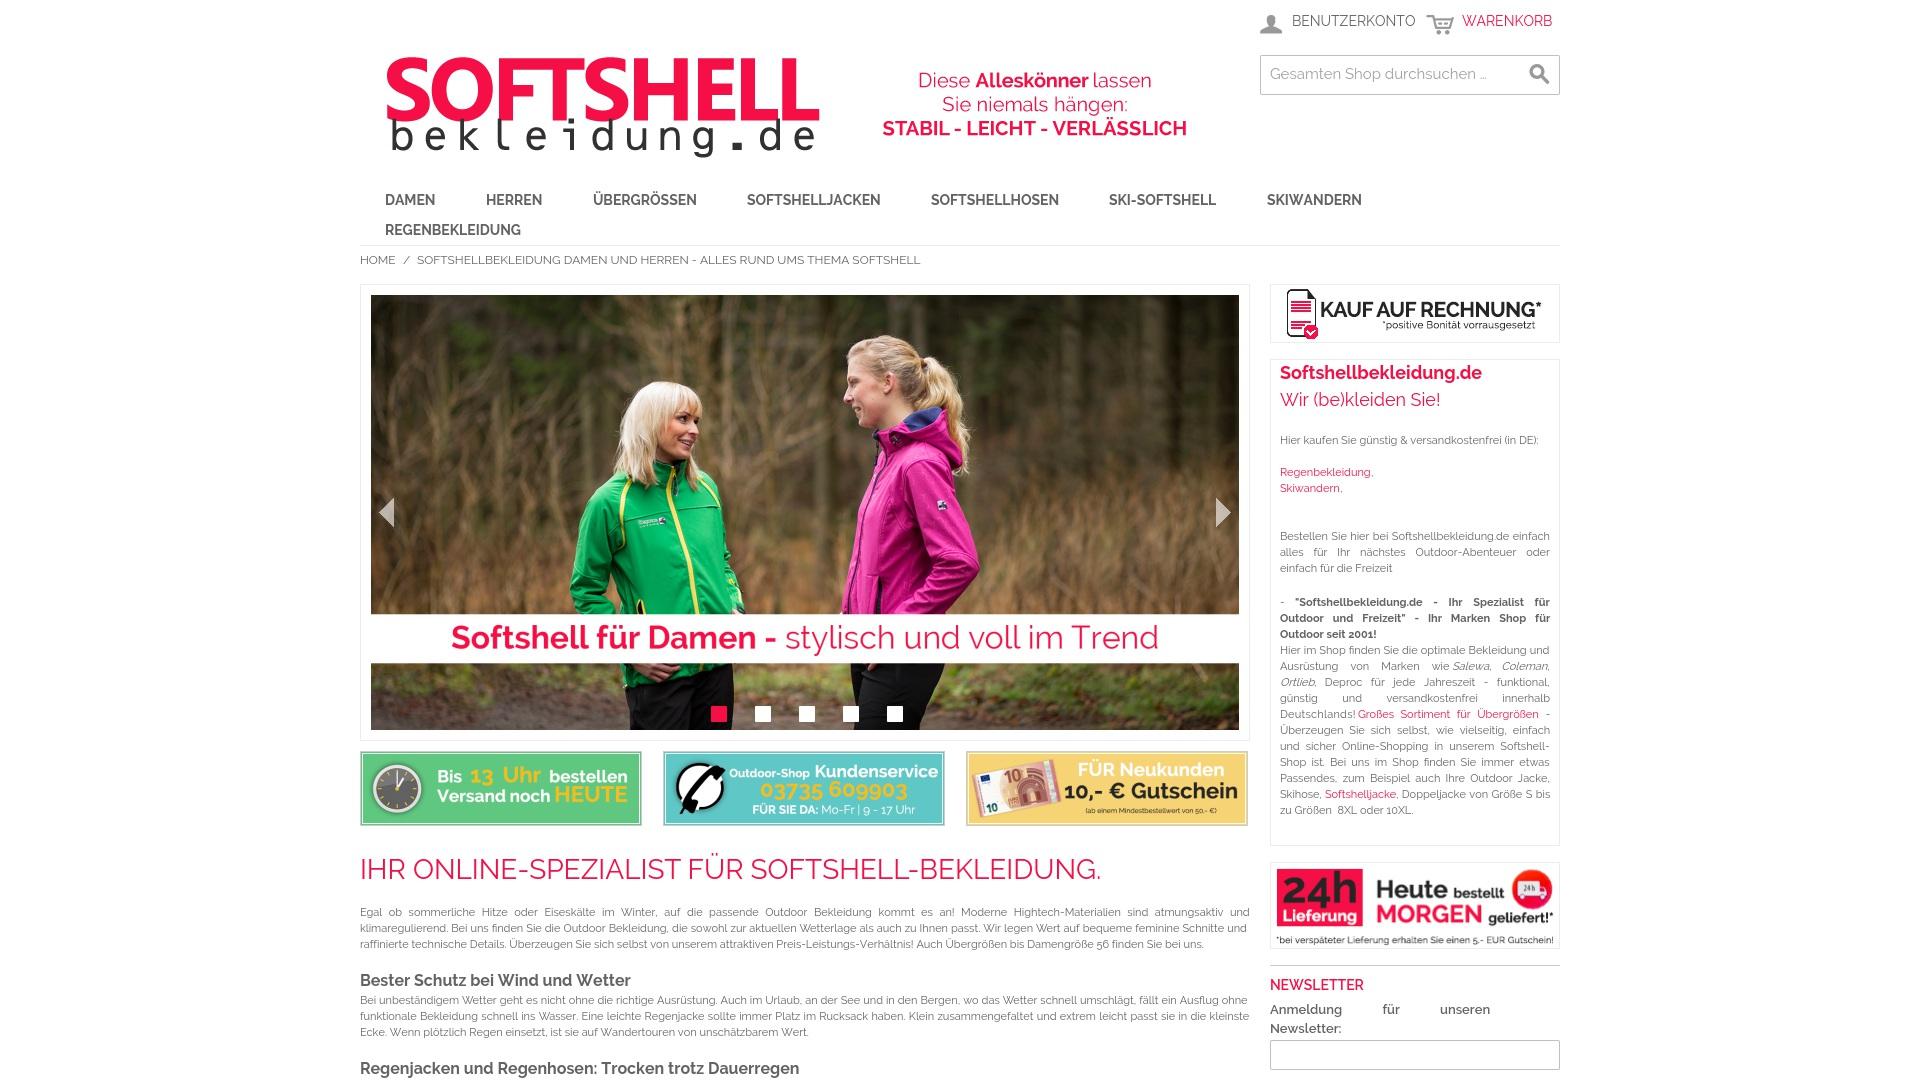 Gutschein für Softshellbekleidung: Rabatte für  Softshellbekleidung sichern